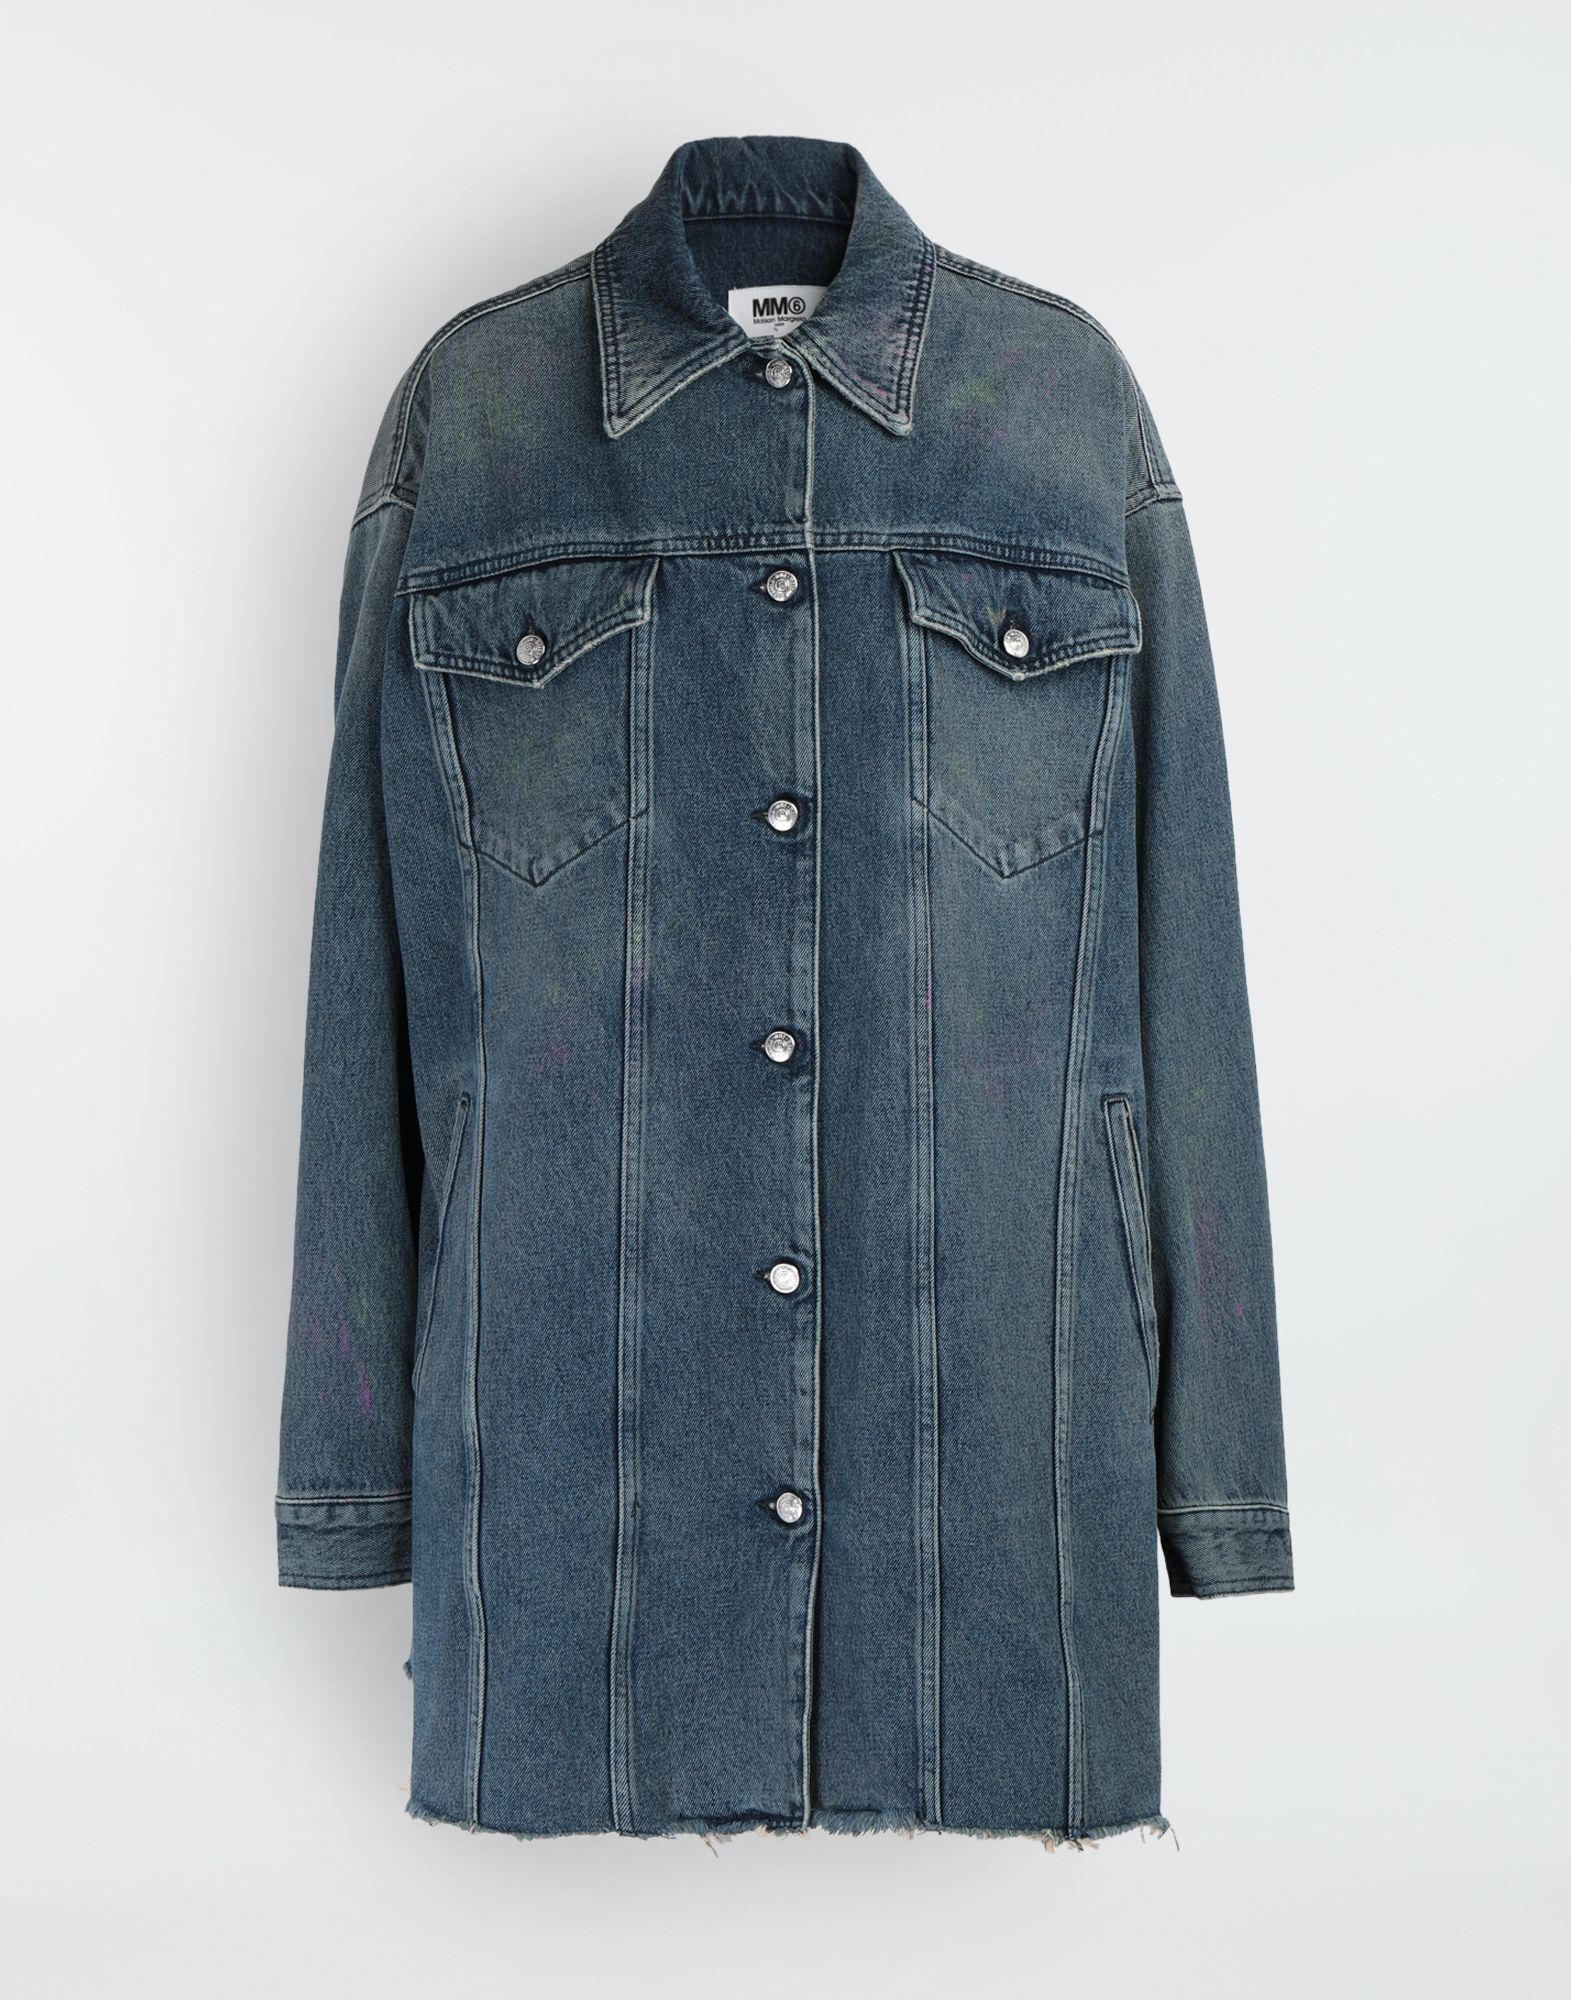 MM6 MAISON MARGIELA Oversized highlighter-treated denim jacket Jacket Woman f